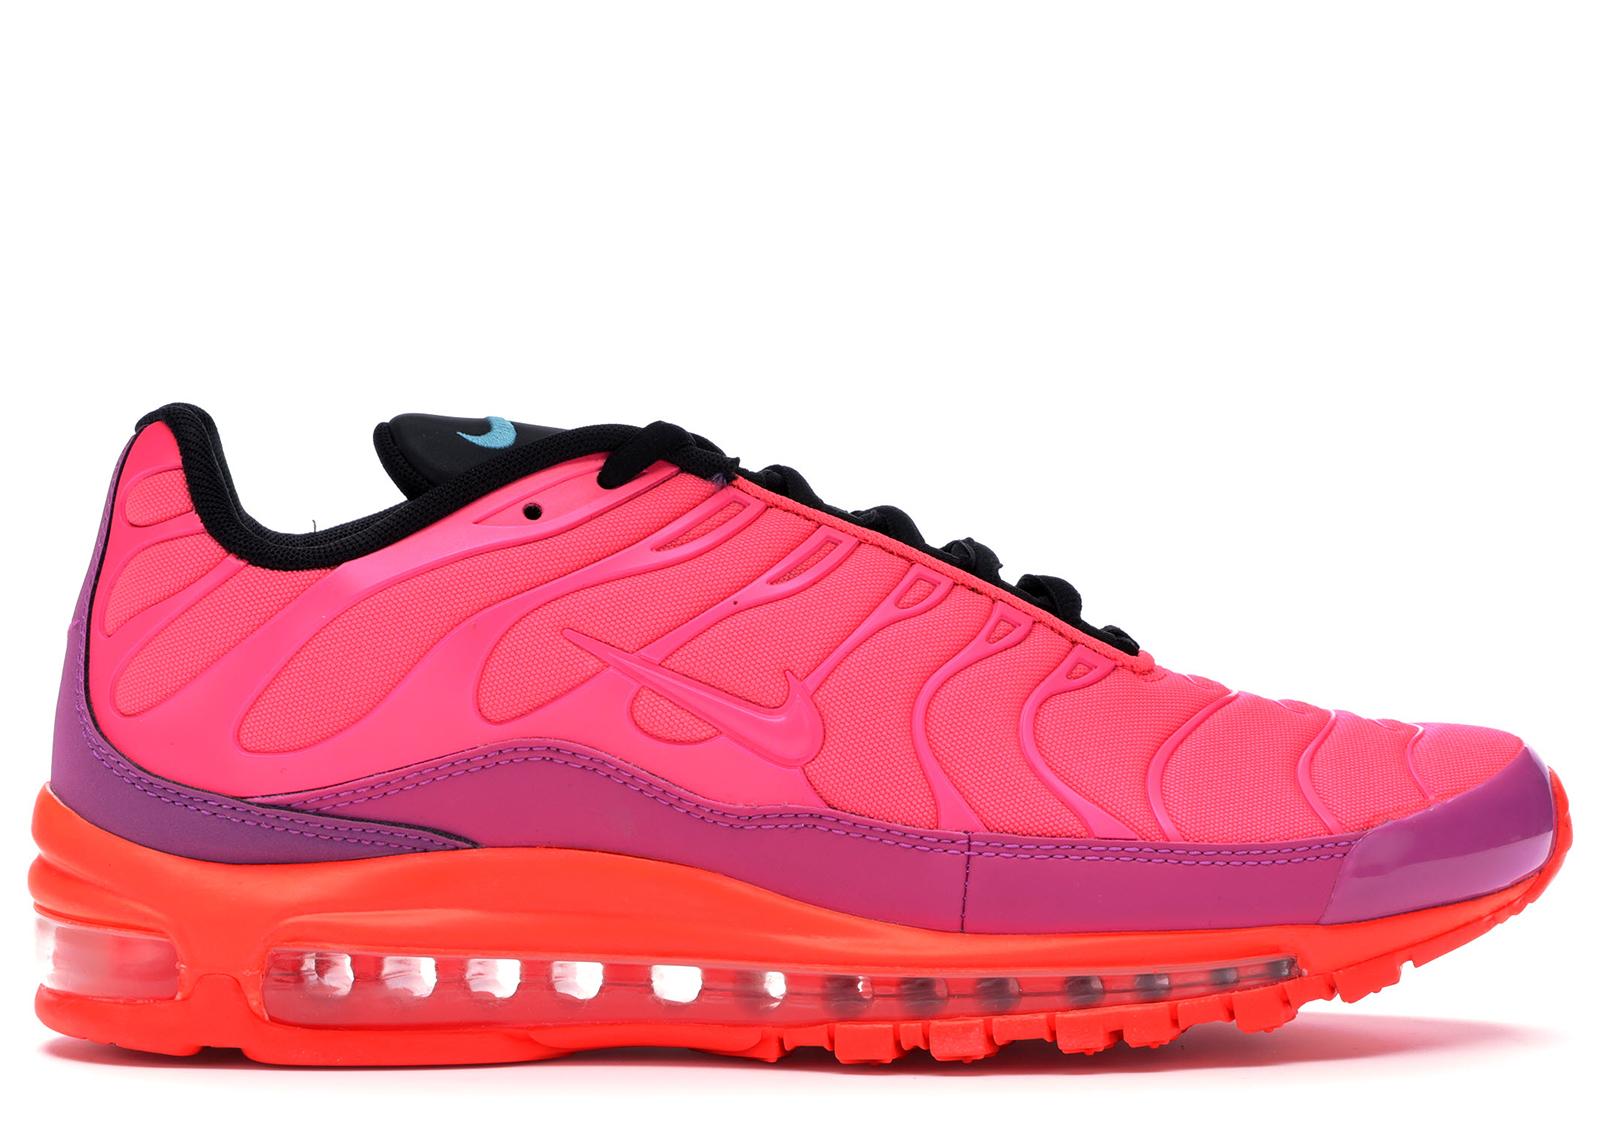 Nike Air Max 97/Plus Racer Pink Hyper Magenta - AH8144-600